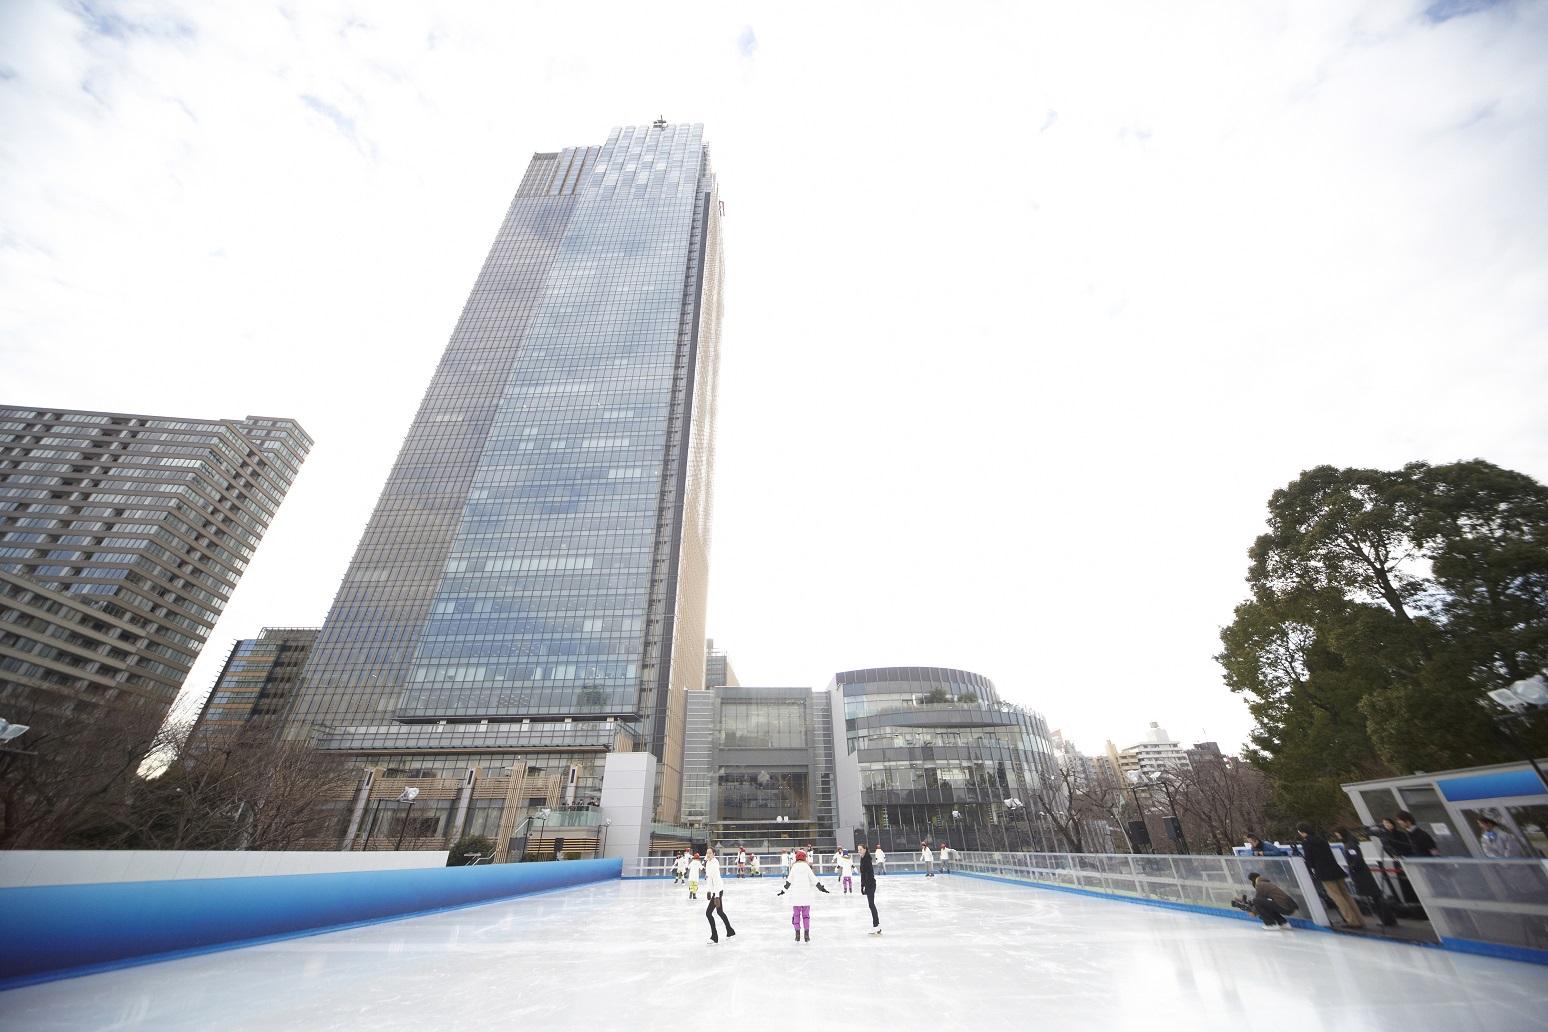 三井不動産 Ice Rink in Tokyo Midtown (article by amuzen)